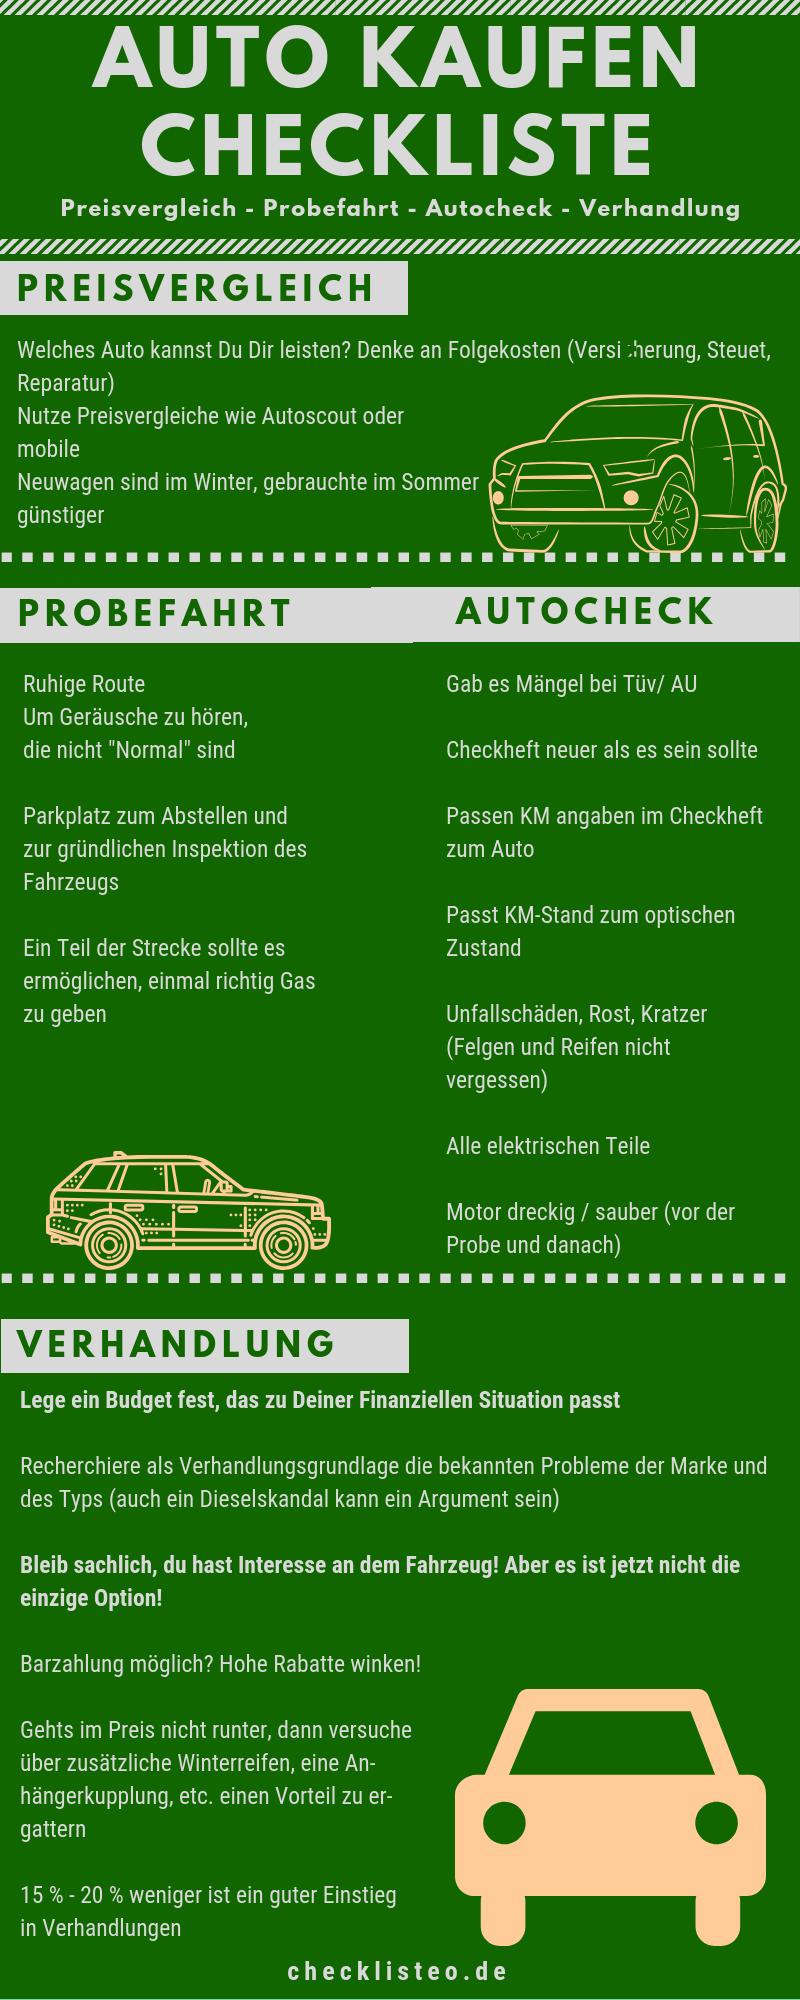 Auto kaufen Checkliste